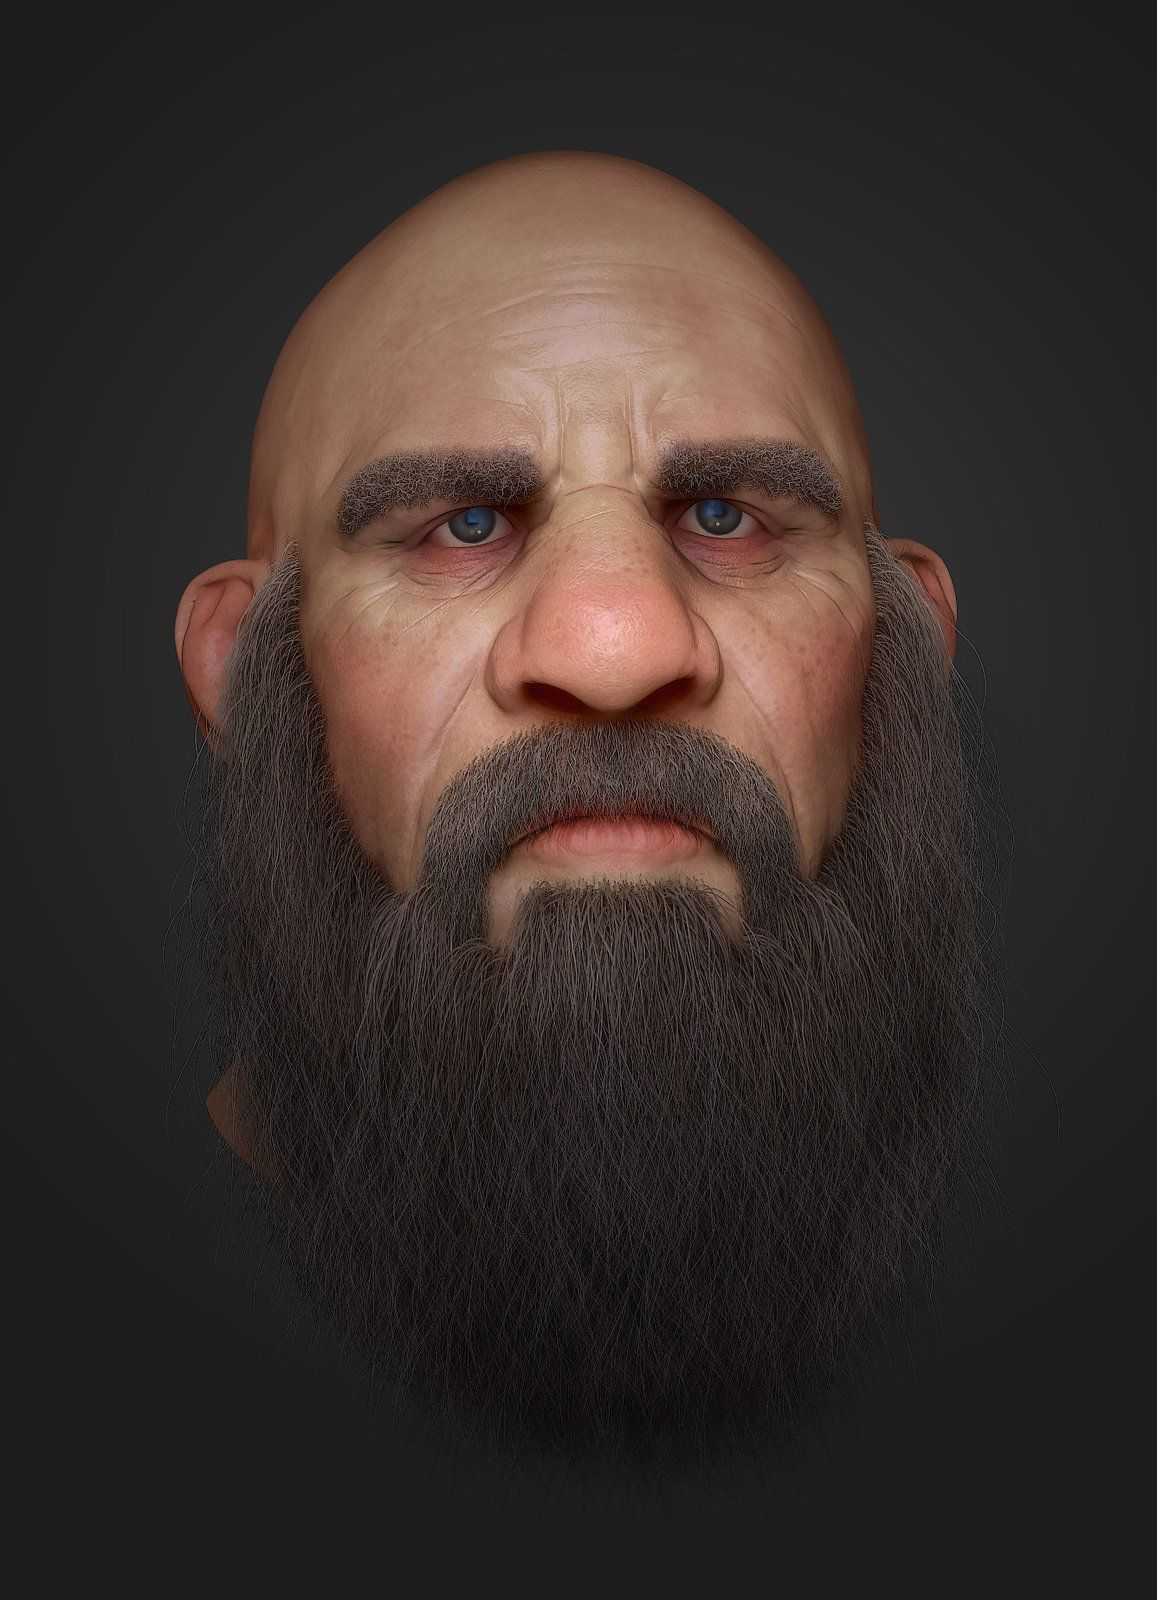 Картинка борода гнома